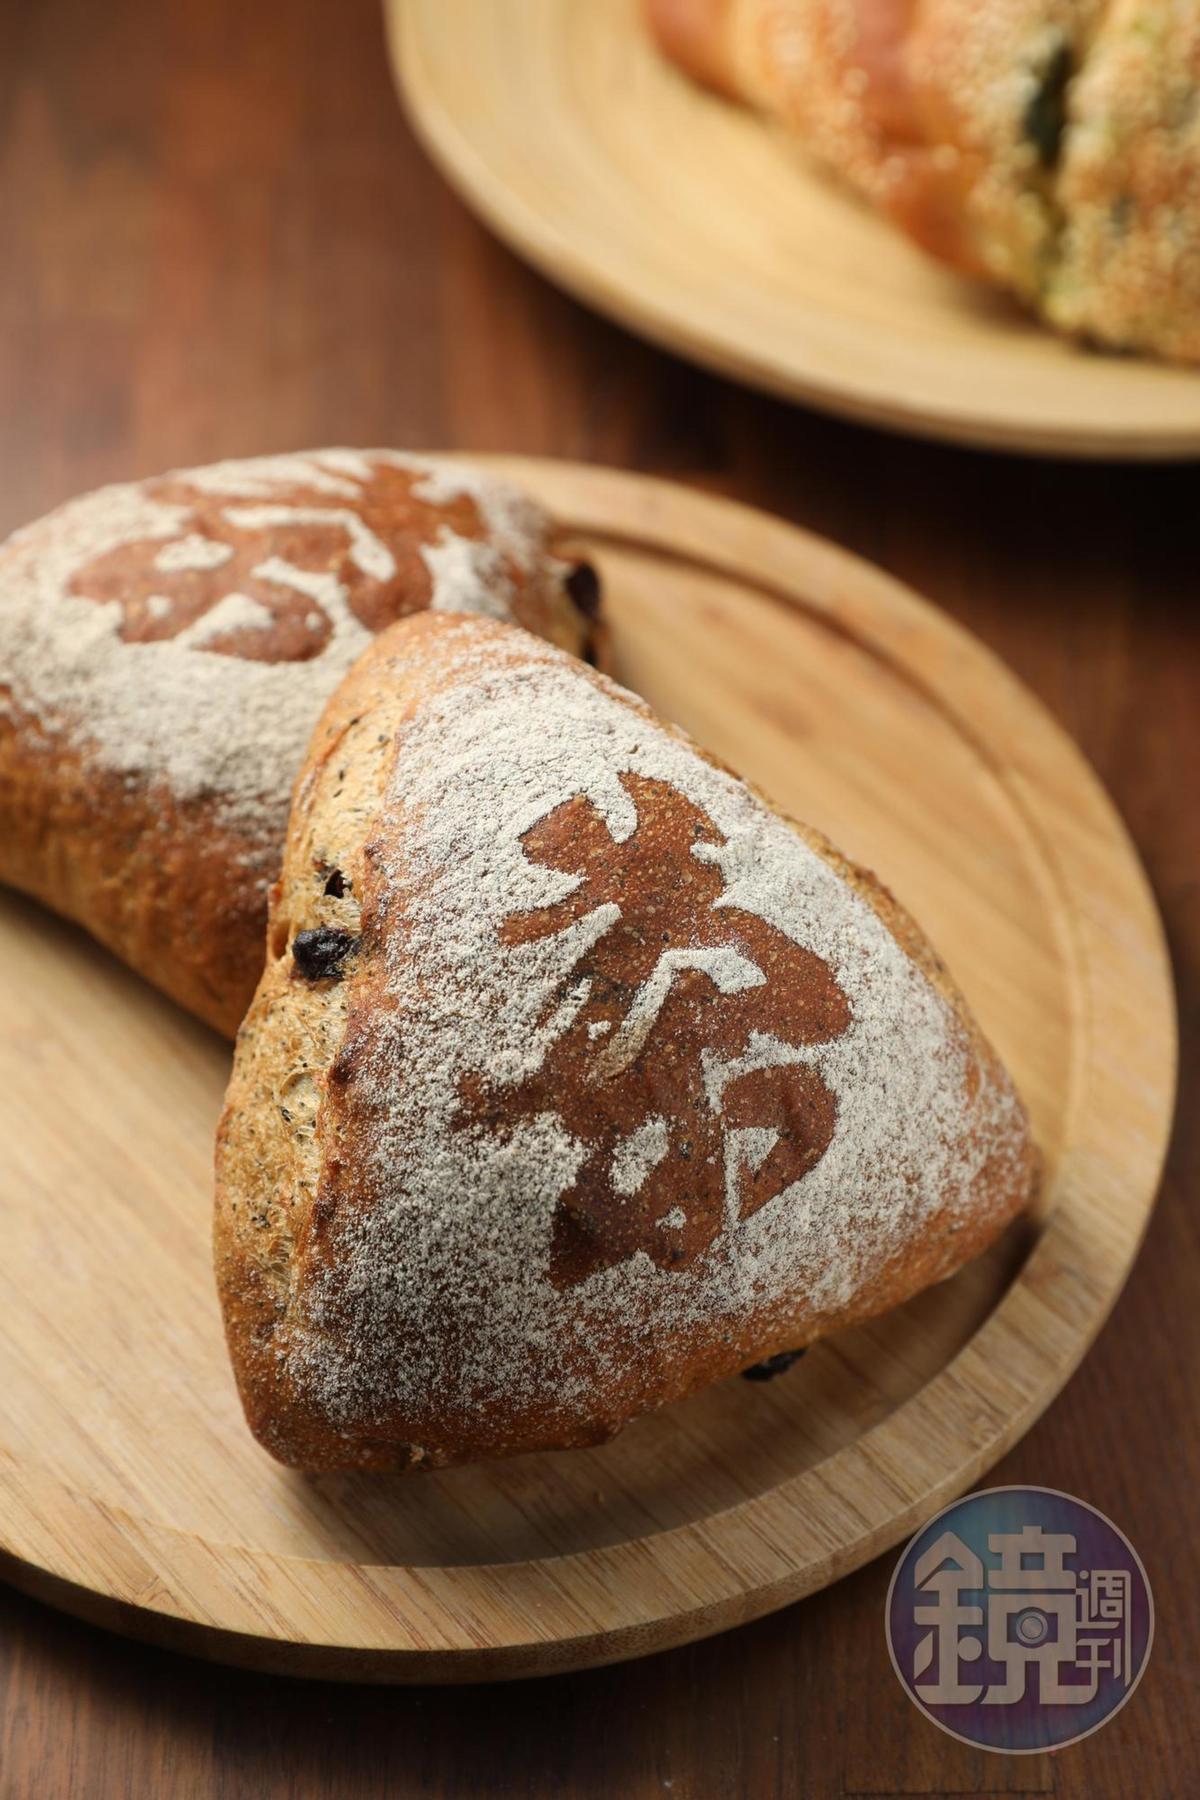 老麵糰中加入伯爵紅茶的「茶麵包」,咀嚼中散發茶香。(48元/個)